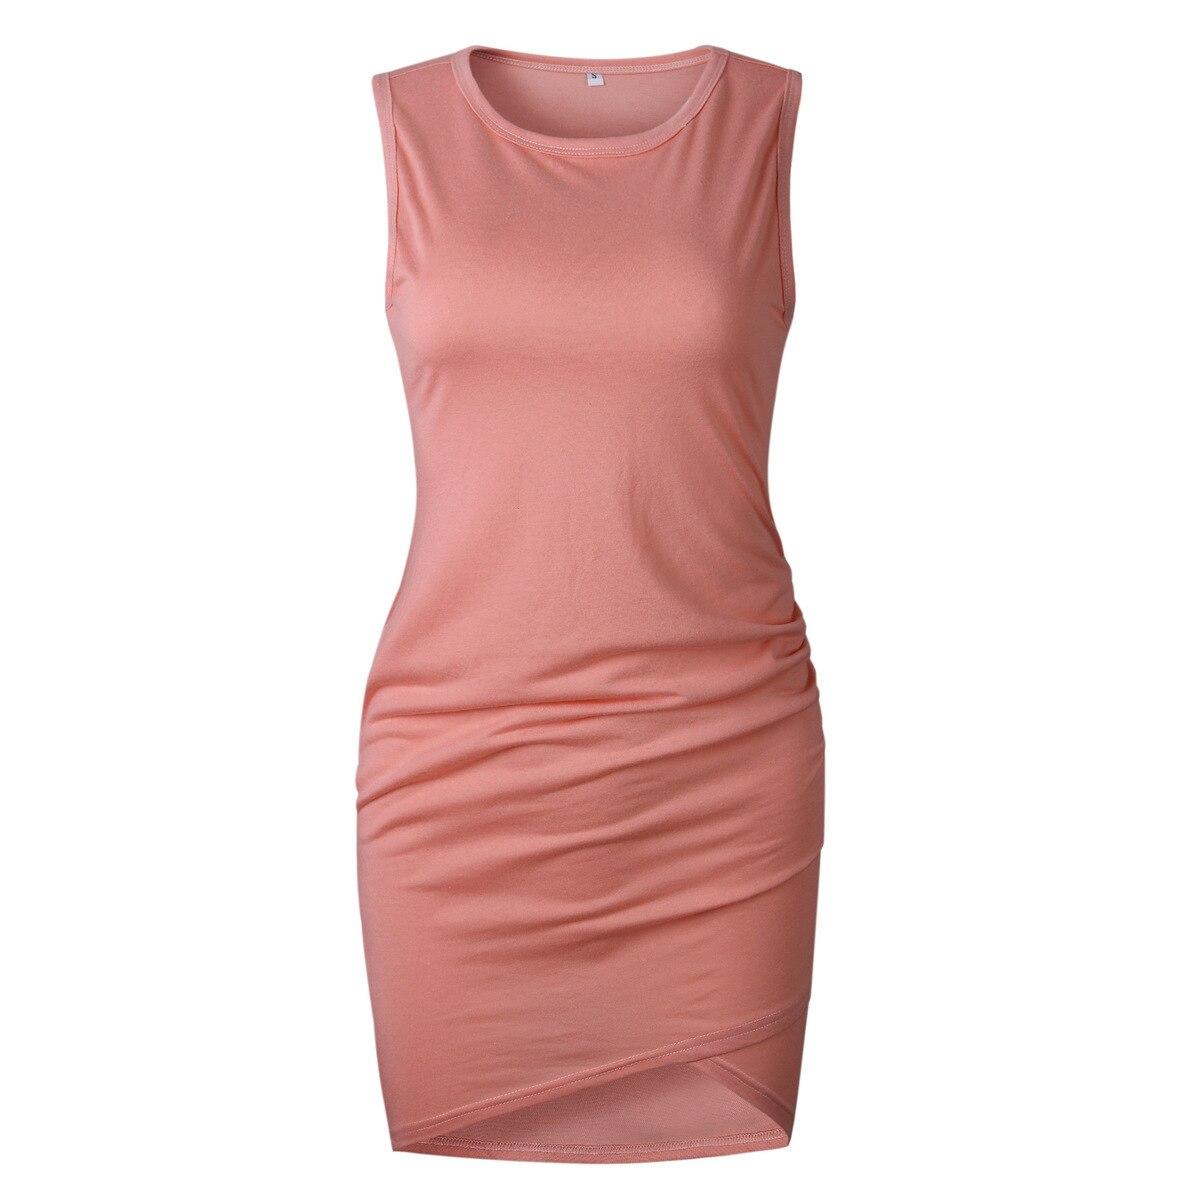 Femmes robe à manches courtes couleur unie Sexy col rond irrégulière femmes vêtements robe de soirée Vestido Mujer